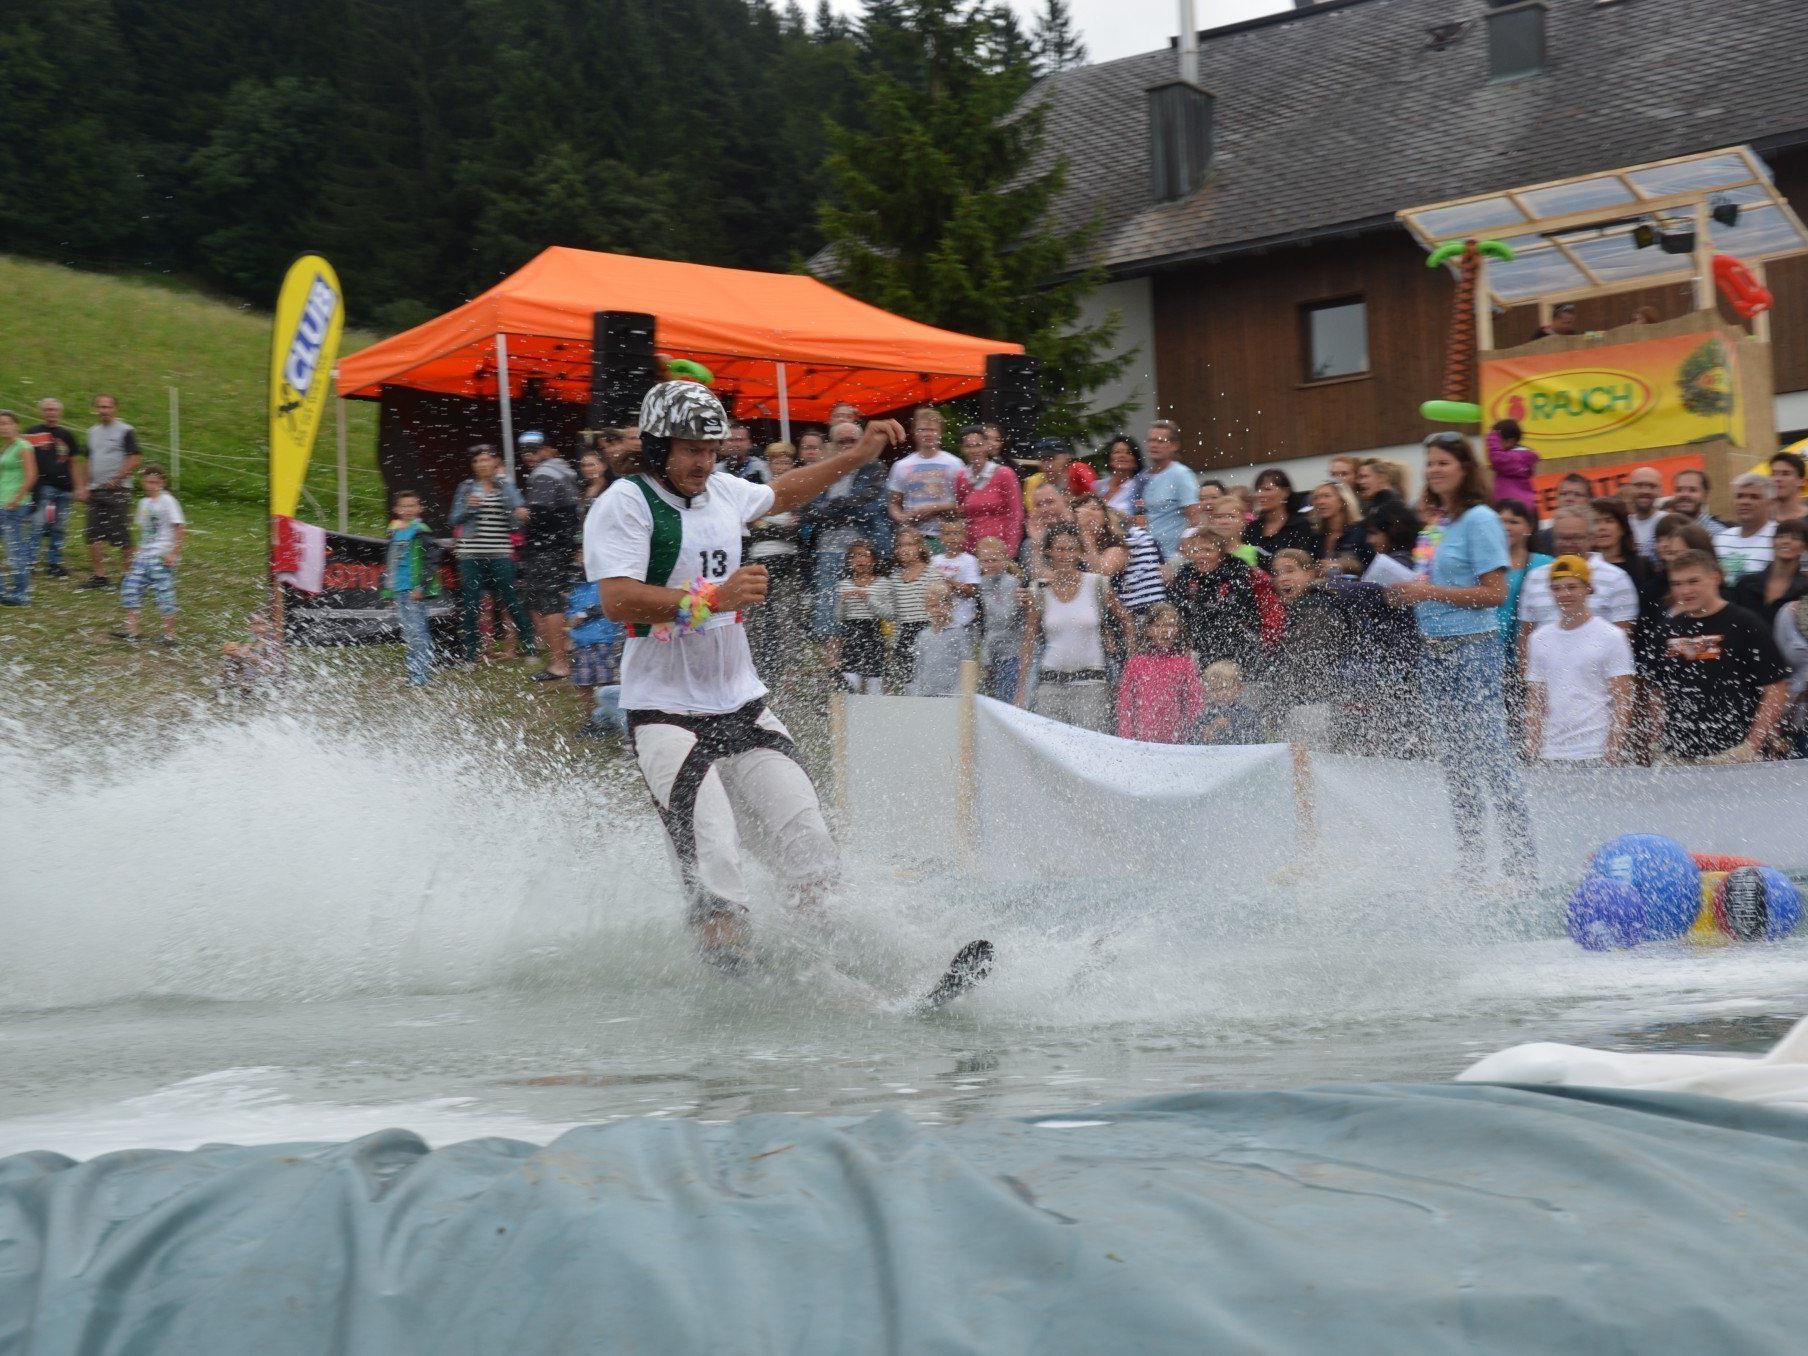 Heisse Fights um jeden Millimeter Weite beim Waterslide Festival in Furx.